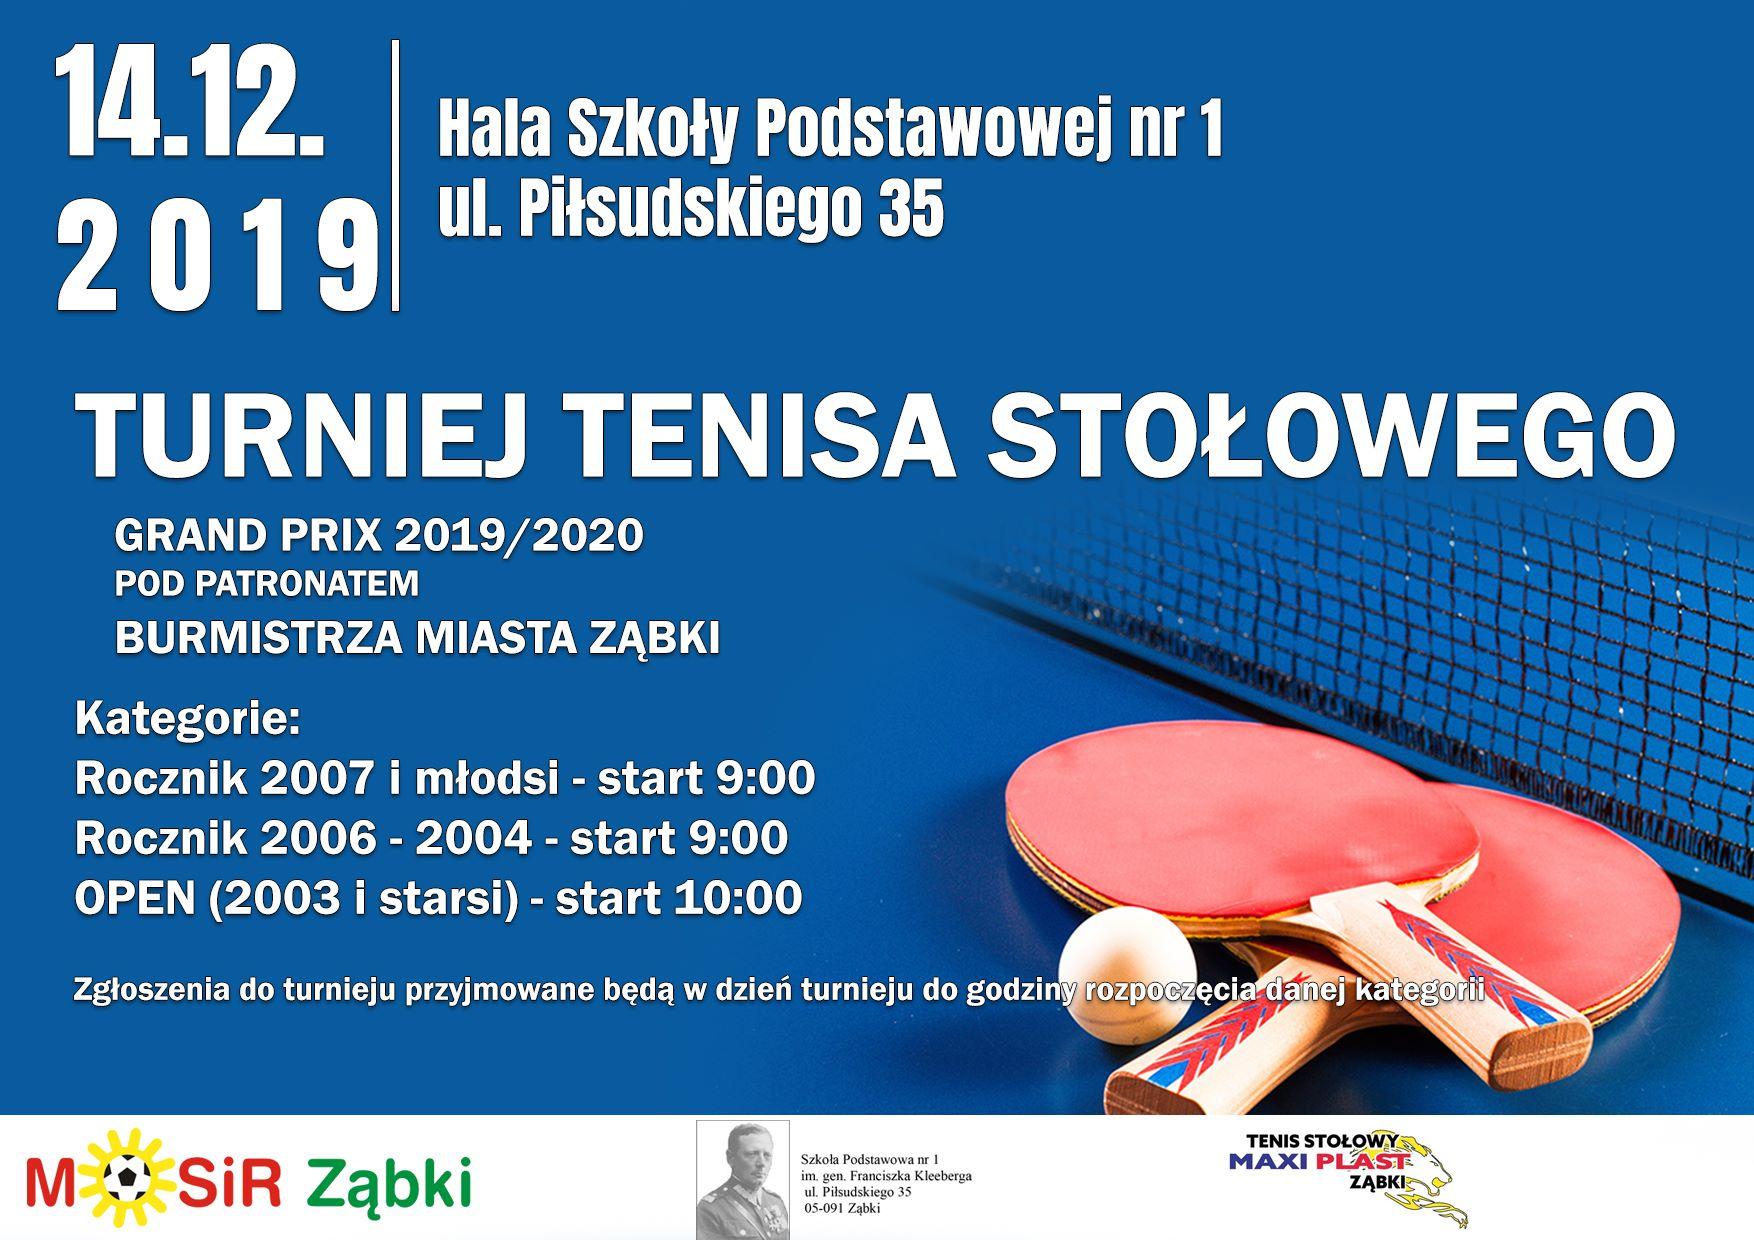 Plakat turnieju Grand Prix 2019/2020 w tenisie stołowym pod patronatem Burmistrza Miasta Ząbki